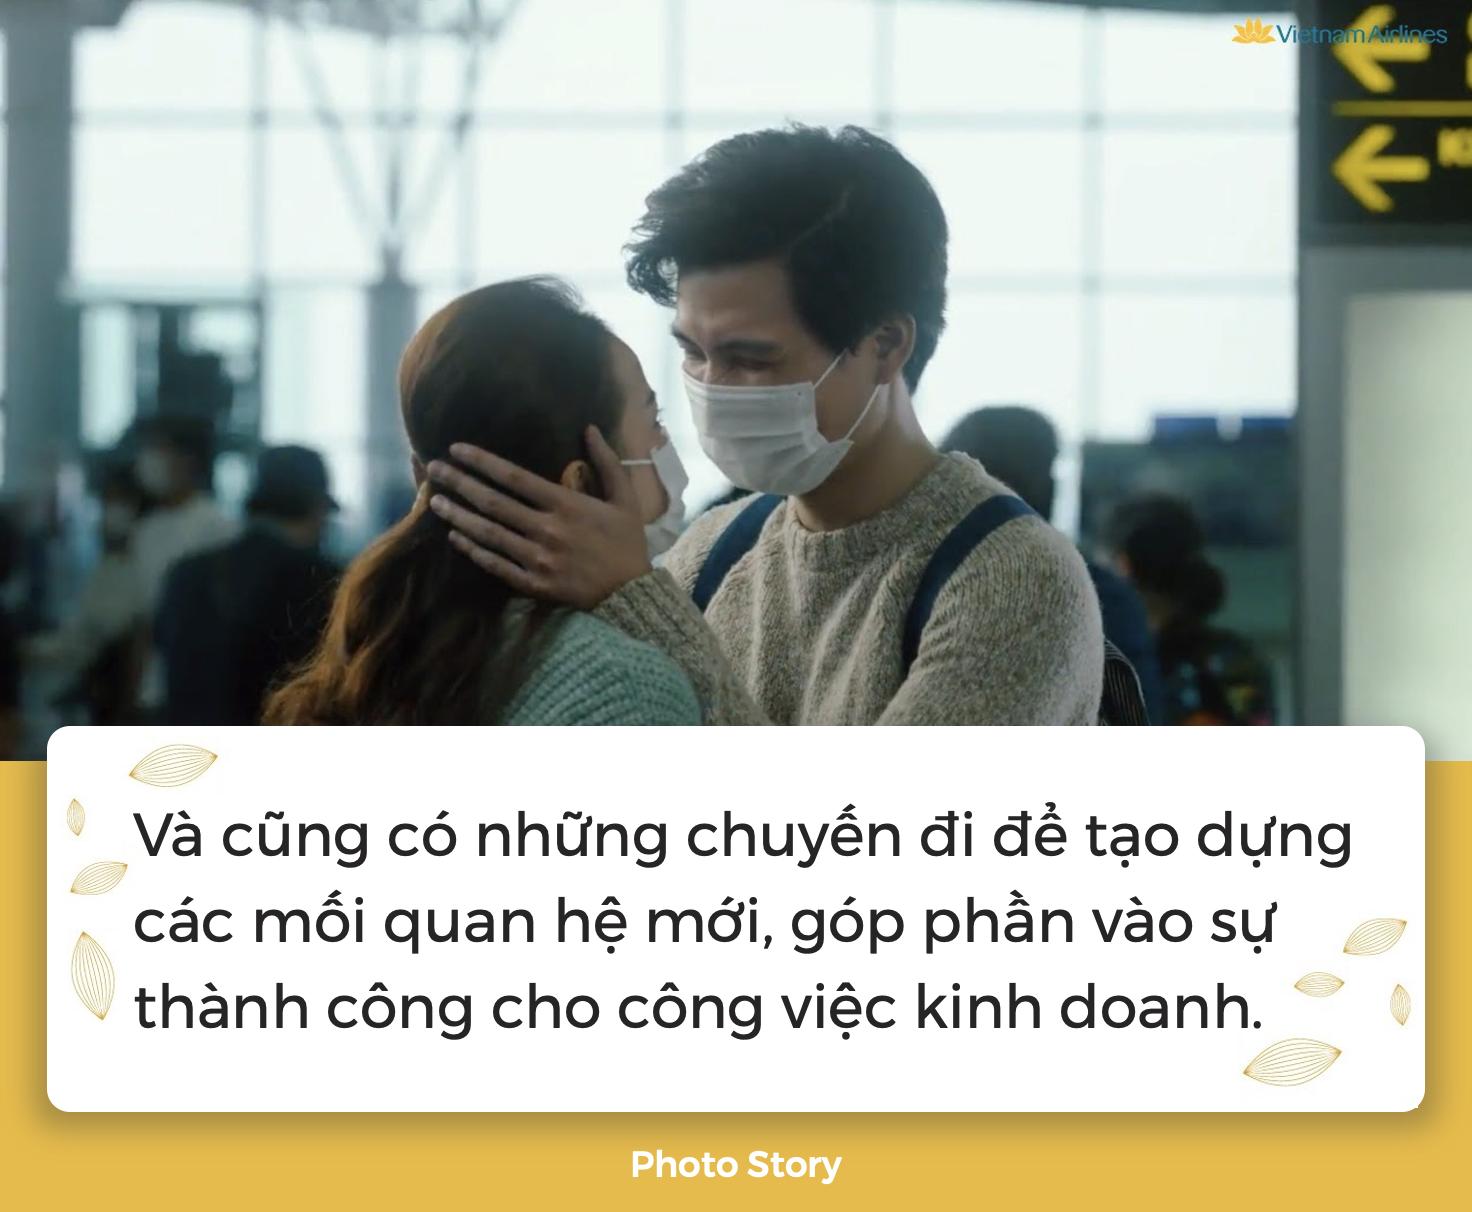 """Cùng Vietnam Airlines lan tỏa thông điệp """"Vì sao chúng ta bay?"""", sẵn sàng mang niềm hy vọng đặt vào mùa xuân mới - Ảnh 4."""